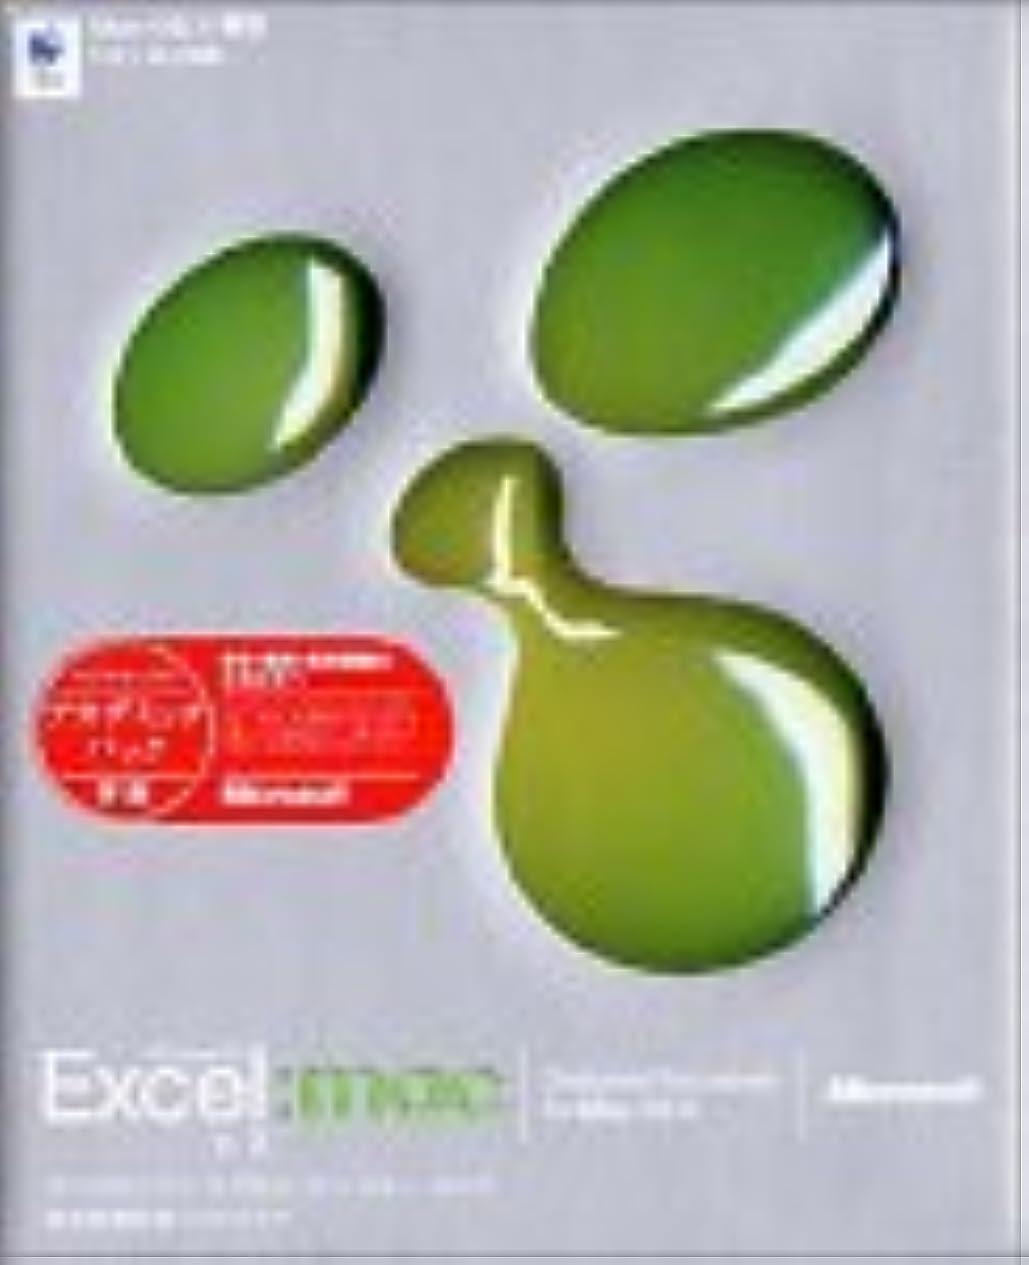 精査する好む告白する【旧商品】Microsoft Excel X for Mac アカデミックパック